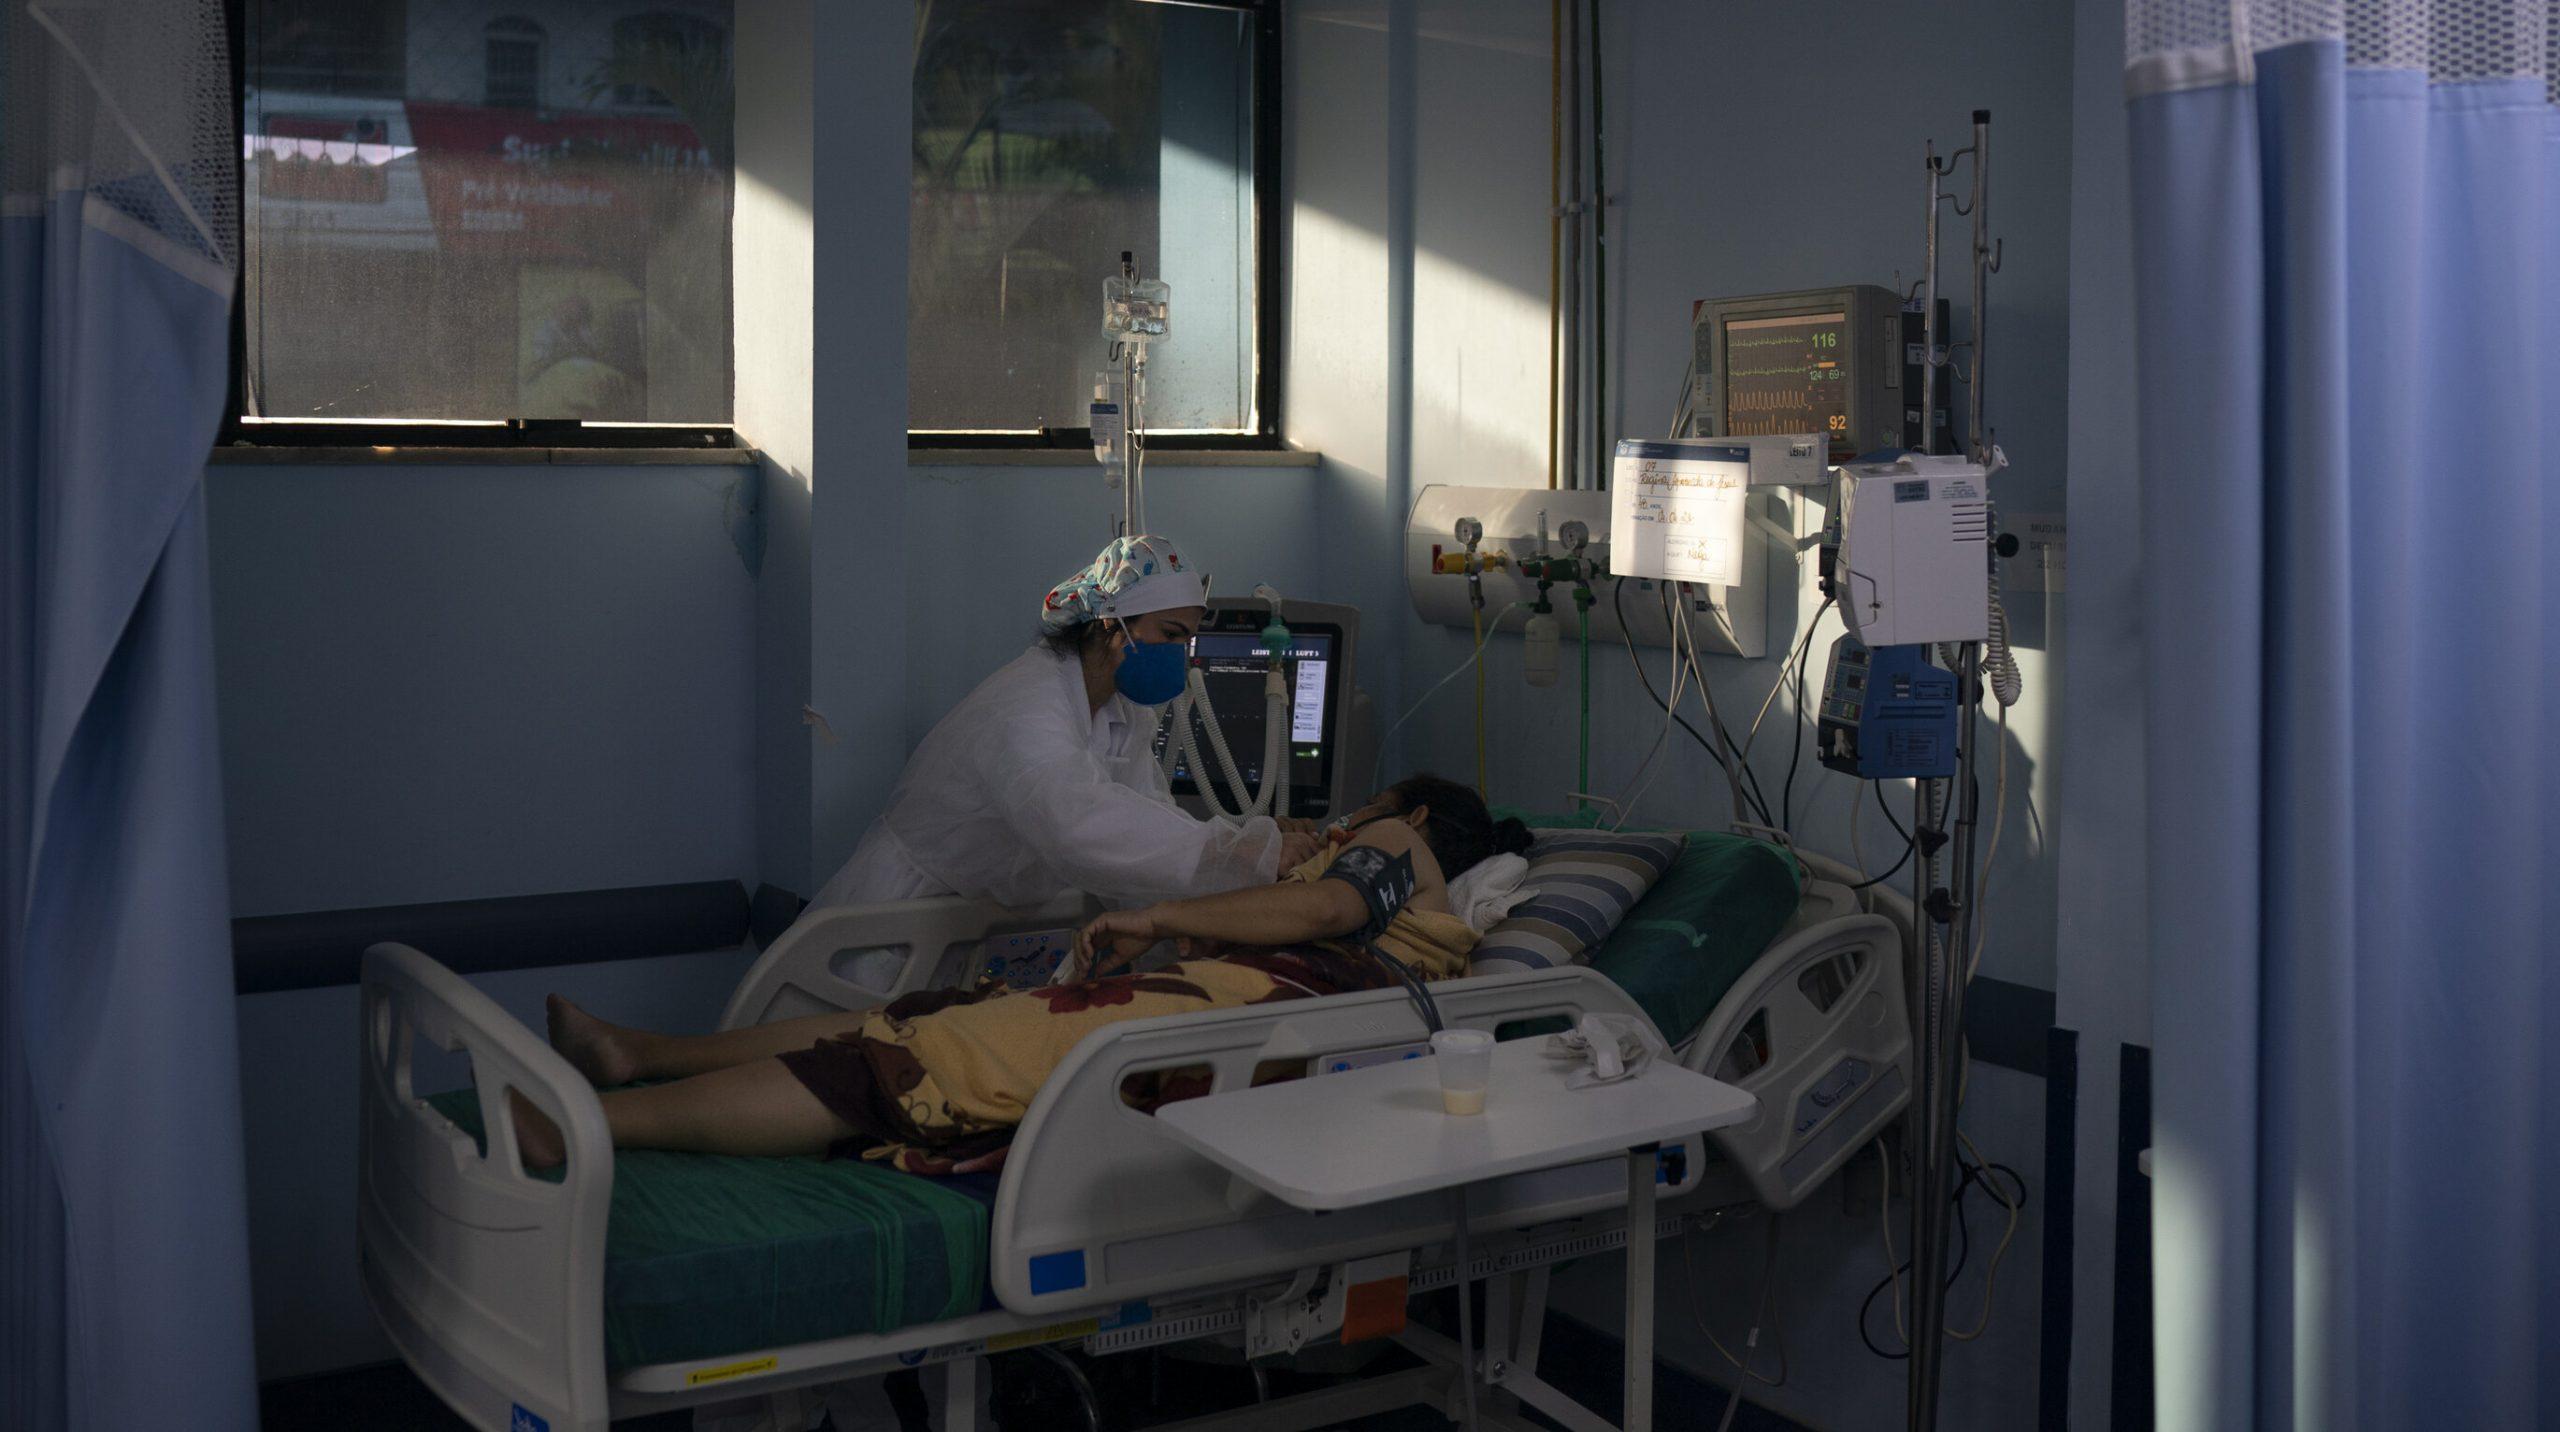 Brazilia| Majoritatea pacienților Covid aflați la terapie intensivă au sub 40 de ani